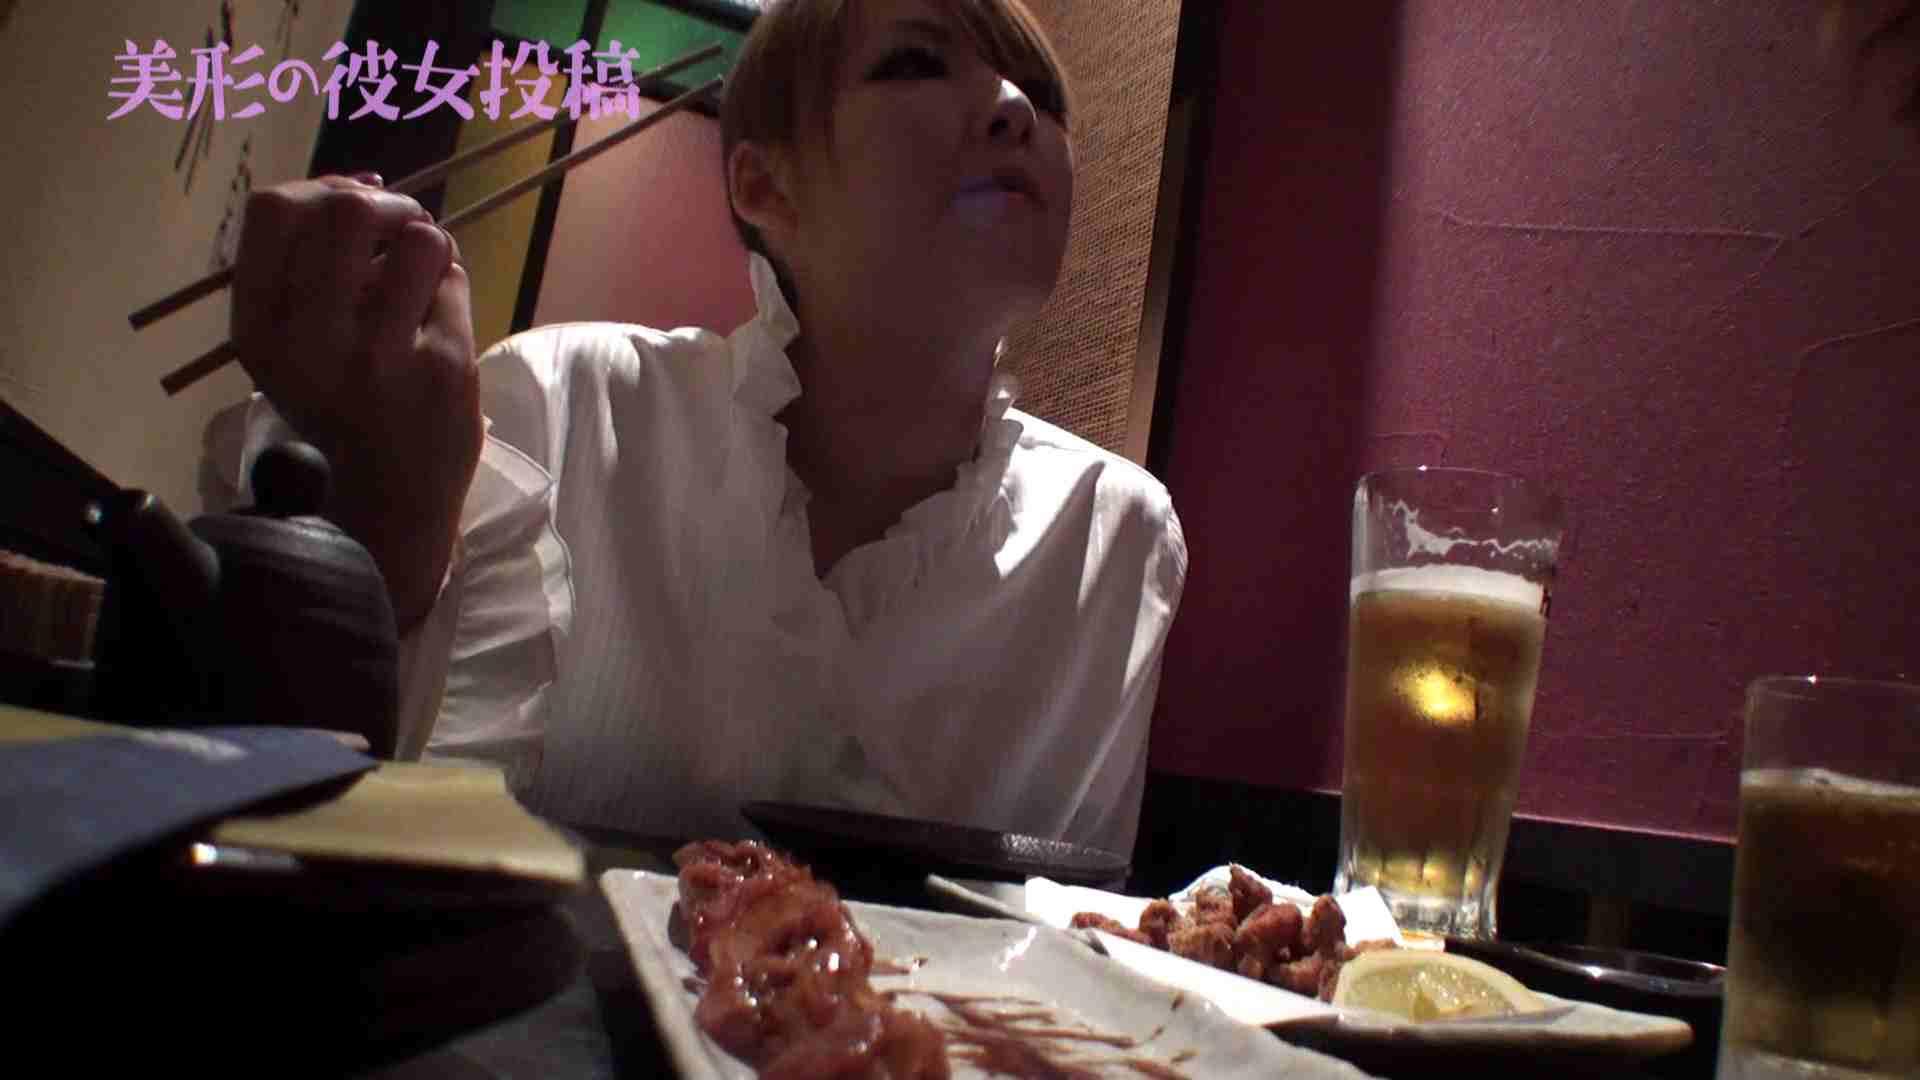 アダルトエロ動画|超美形の彼女を投稿!!02|大奥